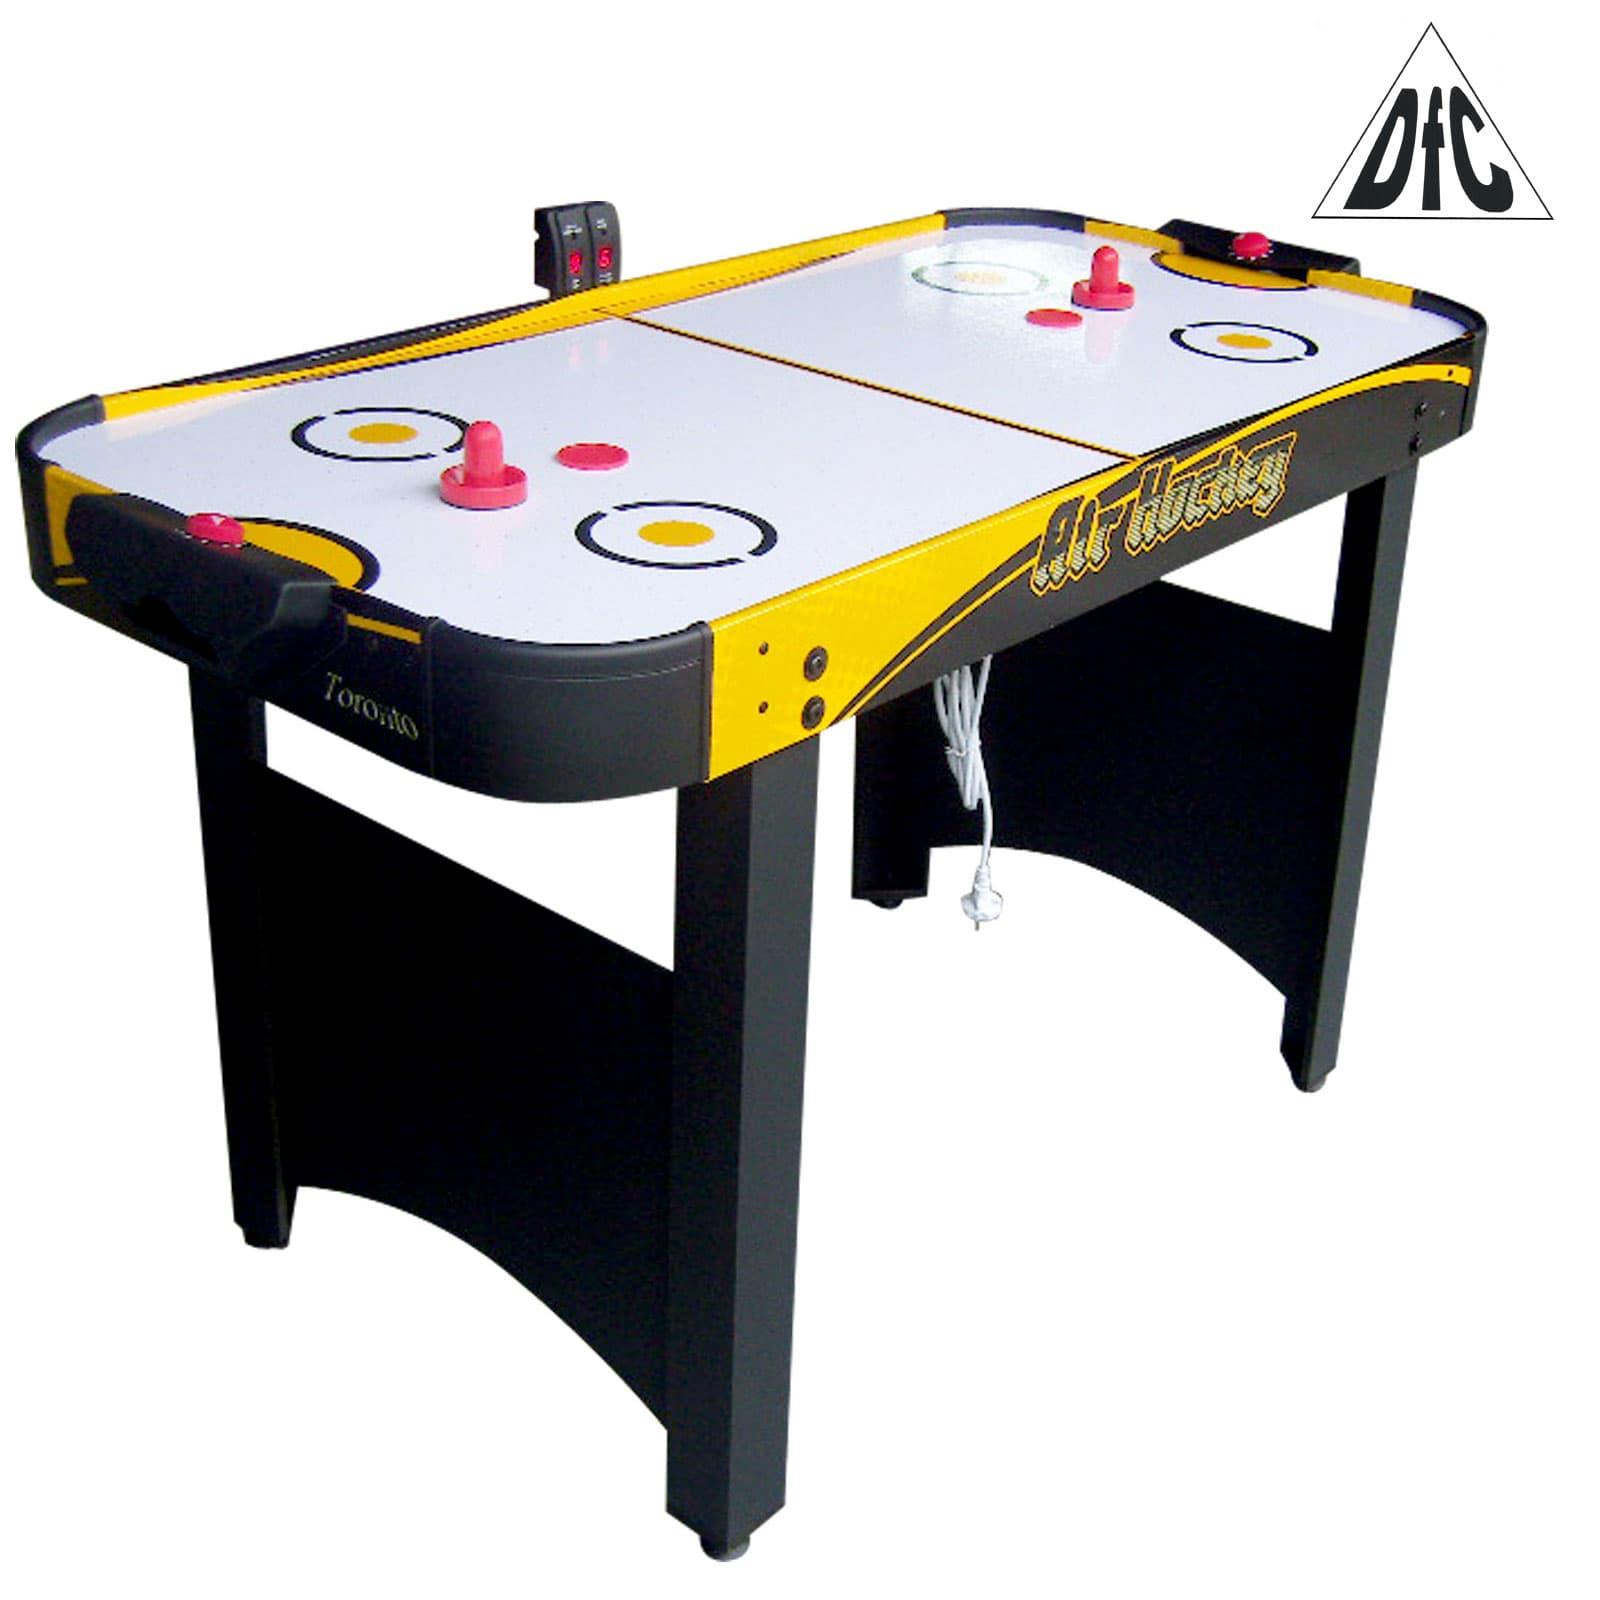 Игровой стол аэрохоккей DFC Toronto - Аэрохоккей, артикул:4730